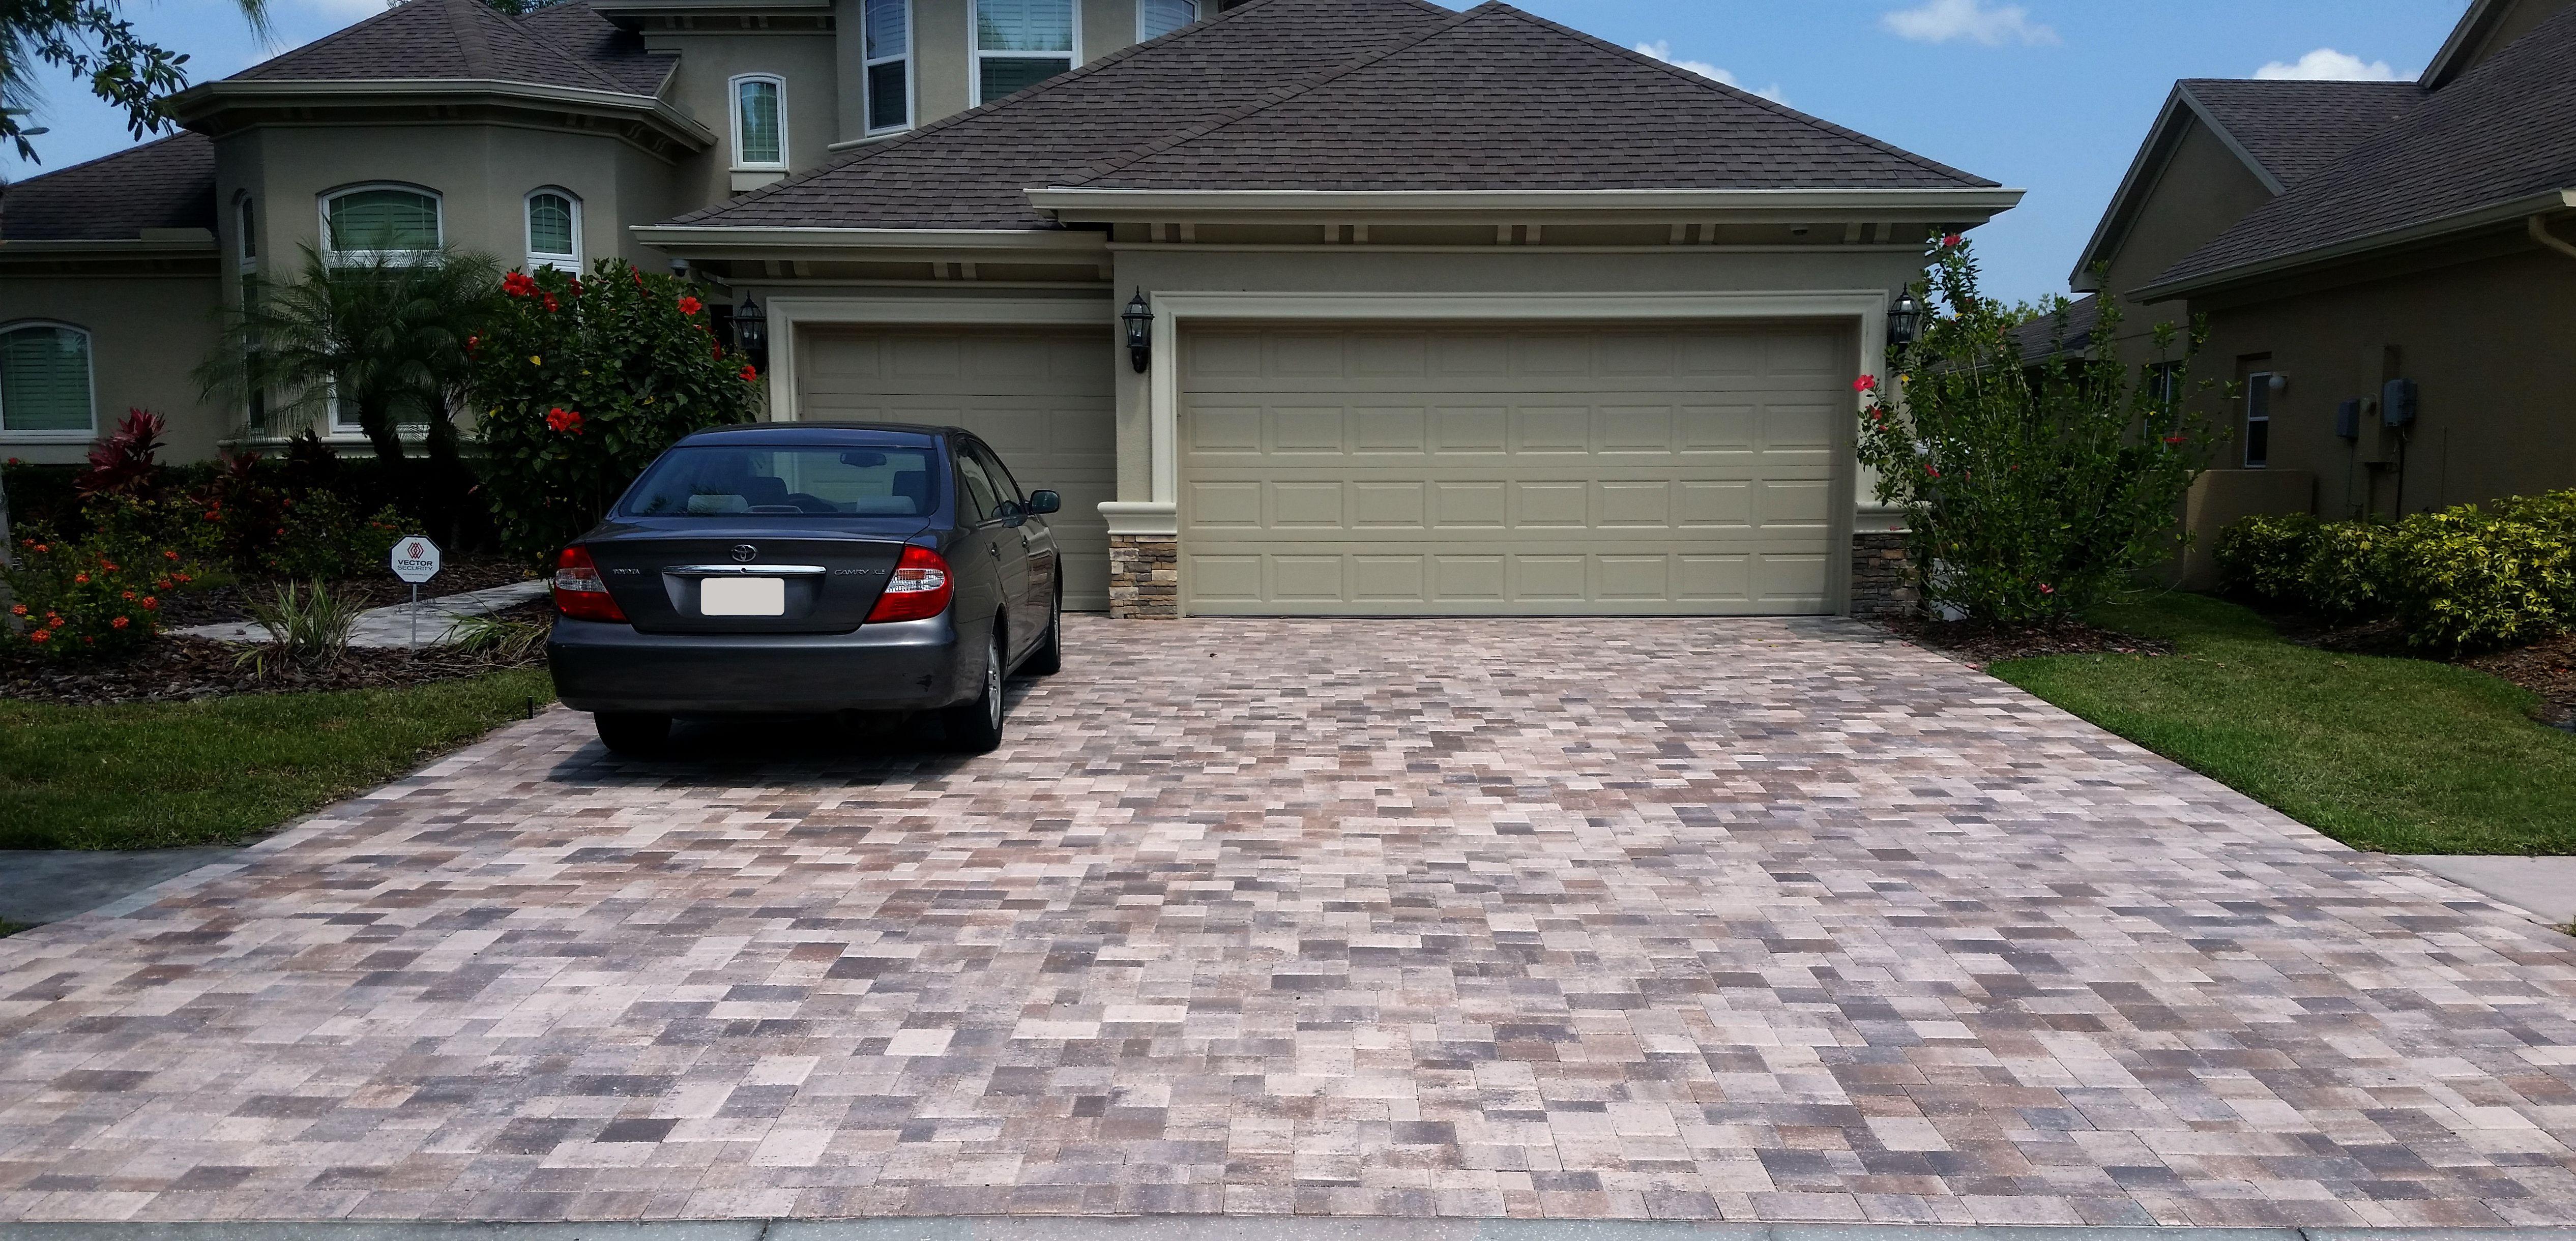 White Tan Charcoal Brick Paver Driveway Removed And Installed In 1 1 2 Days Brick Paver Driveway Paver Driveway Brick Pavers